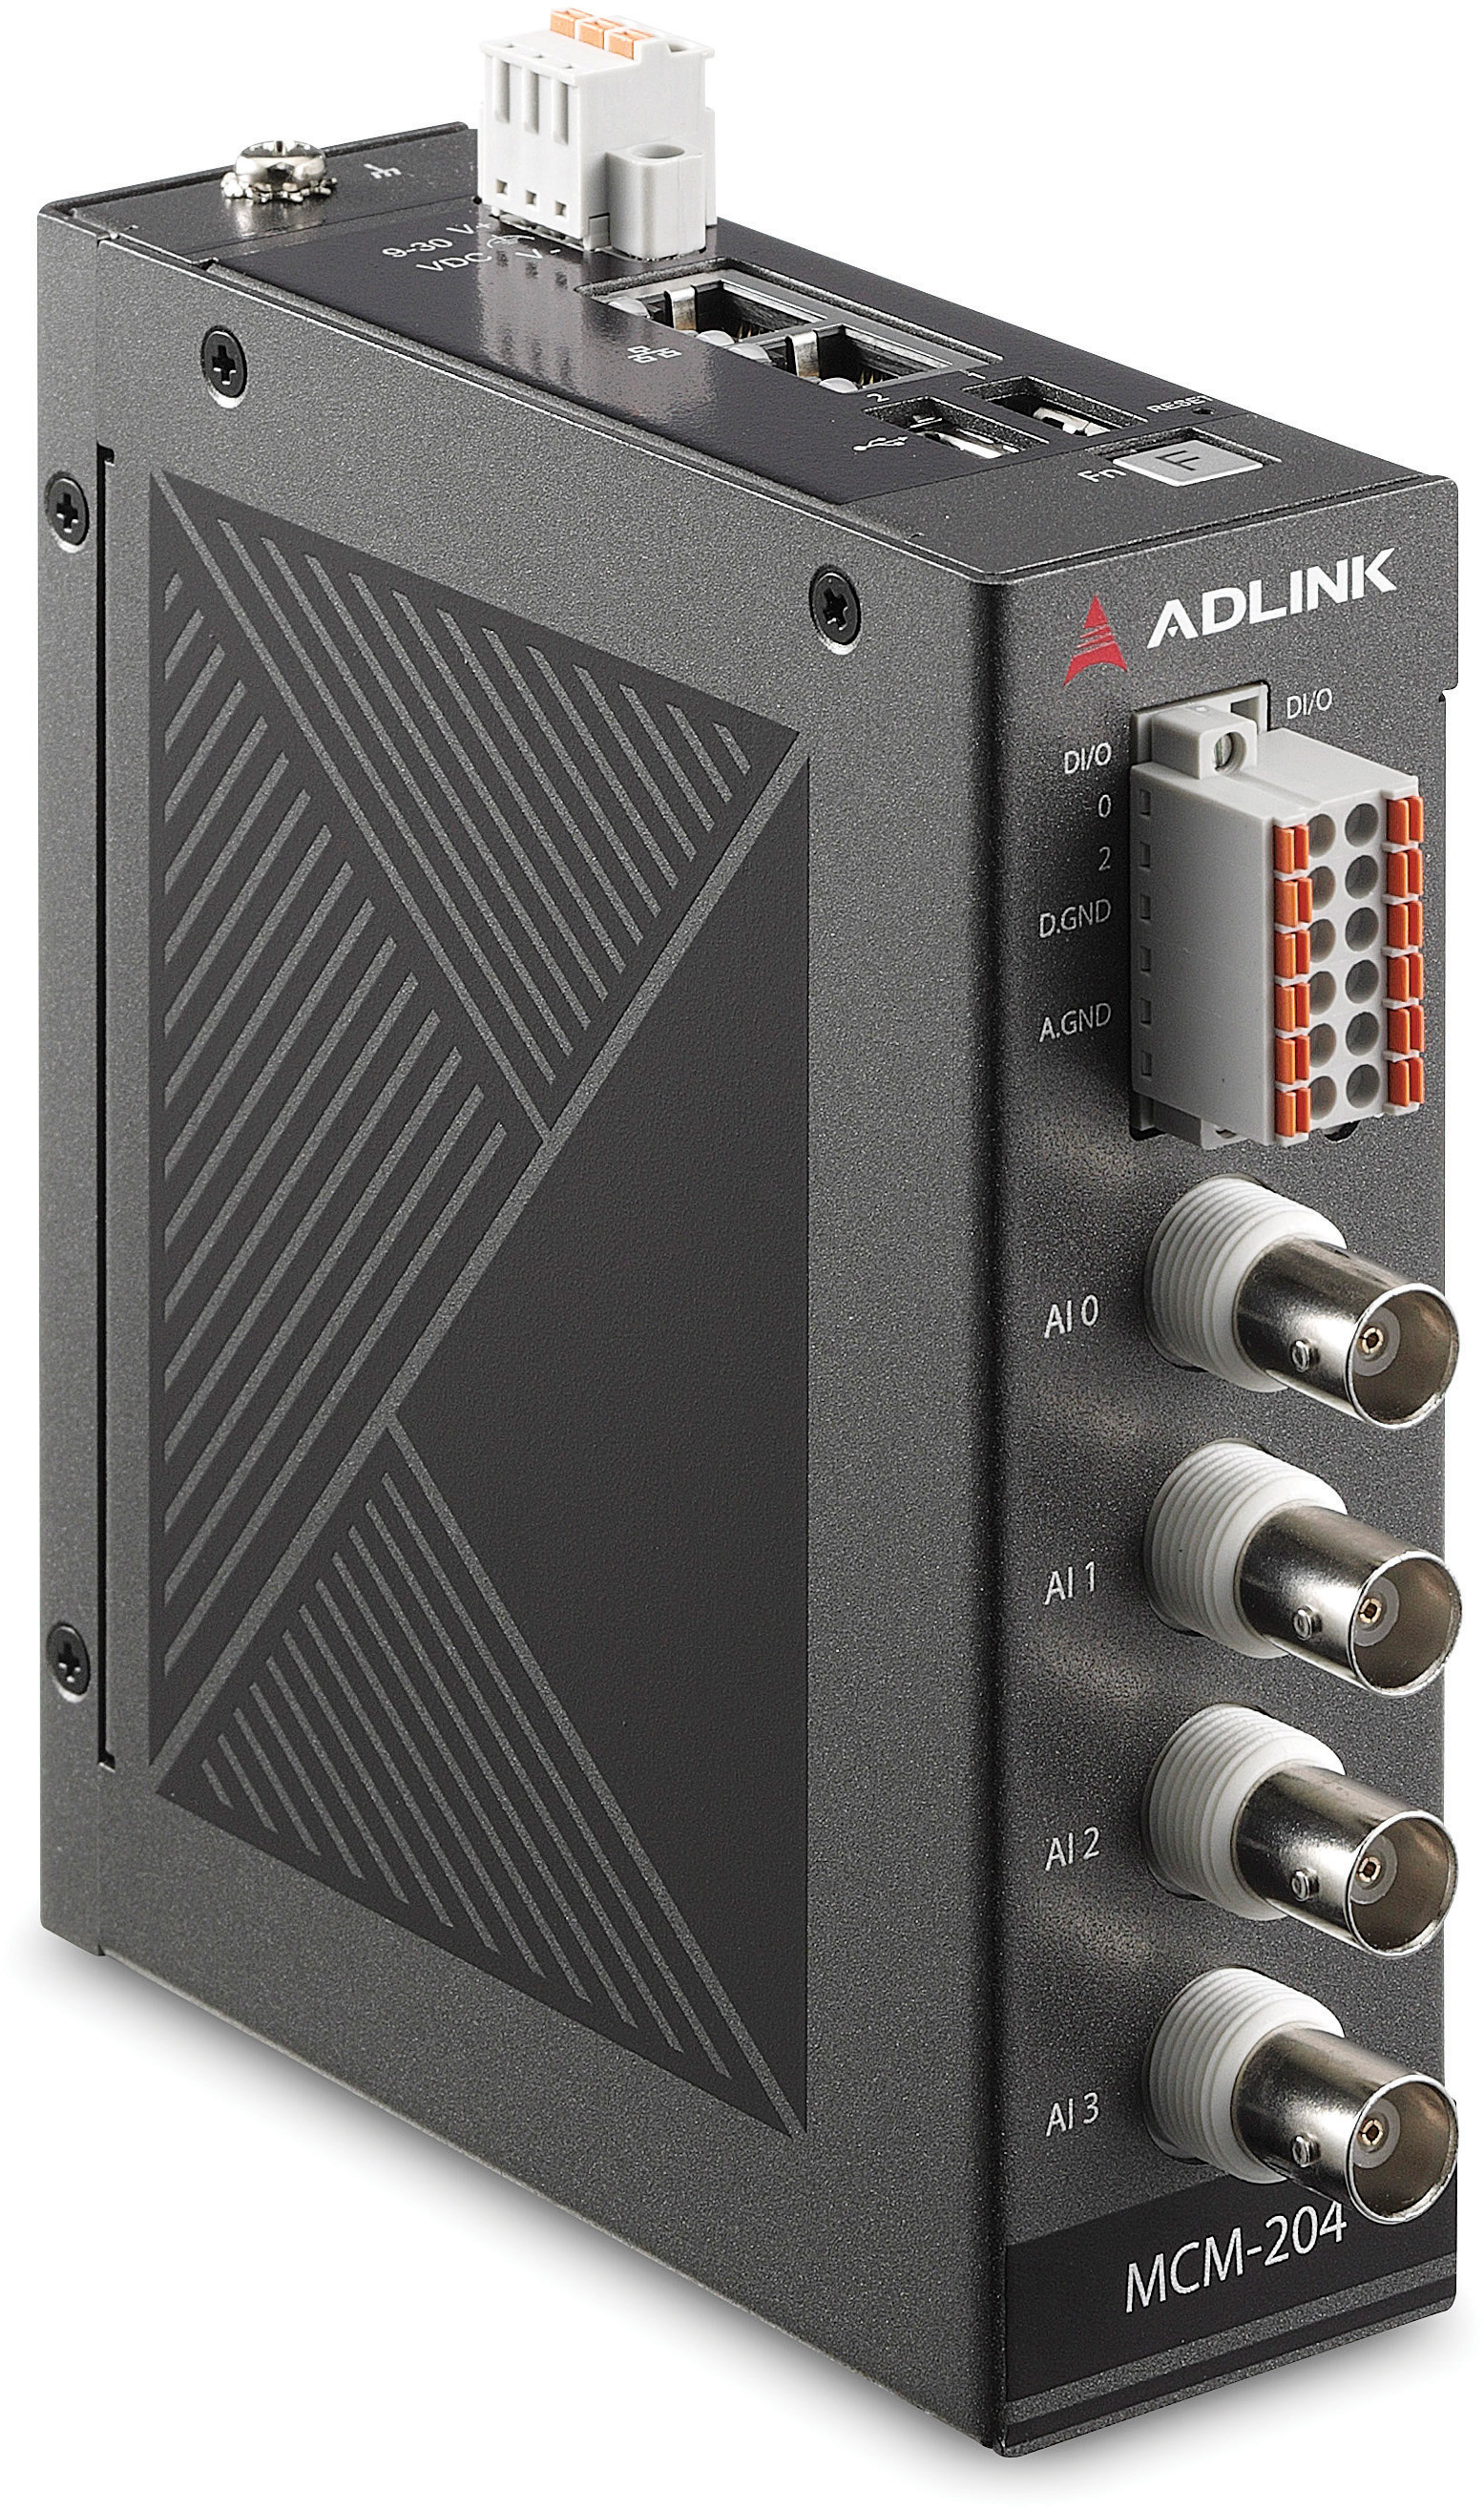 Système d'acquisition de données optimisé par ADLink